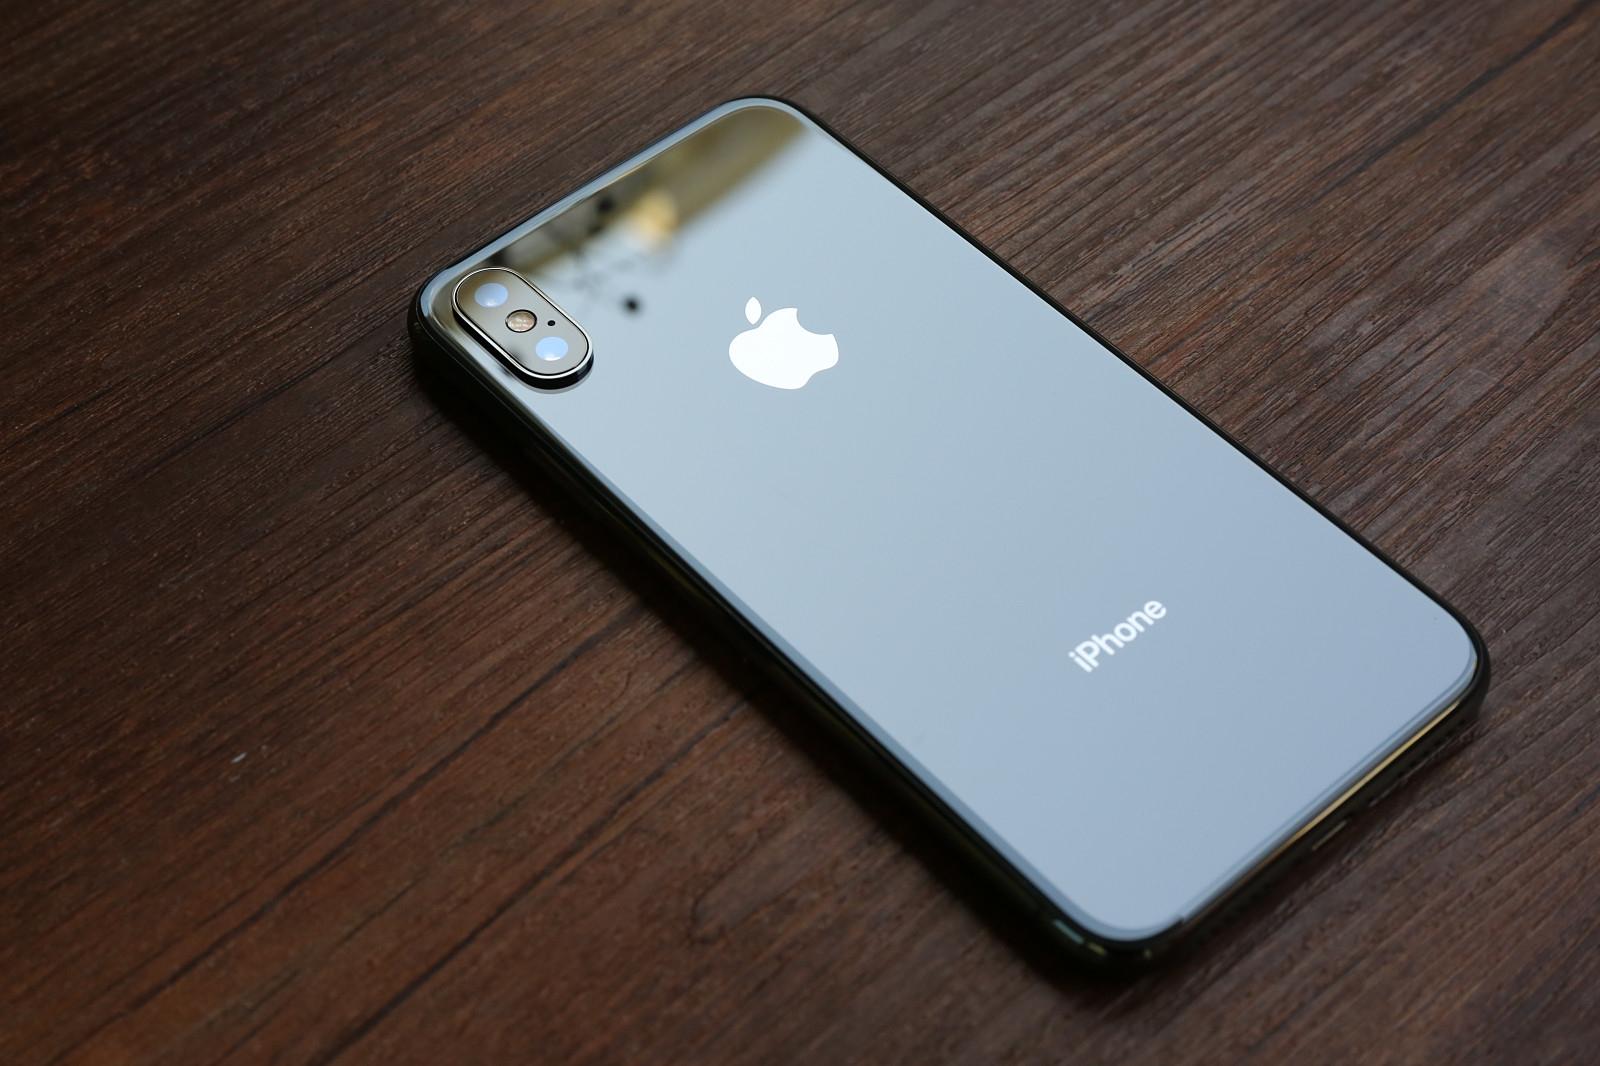 新闻中心 手机平板 苹果手机 > iphone 7p/8p双摄悲催:遭诉技术侵权